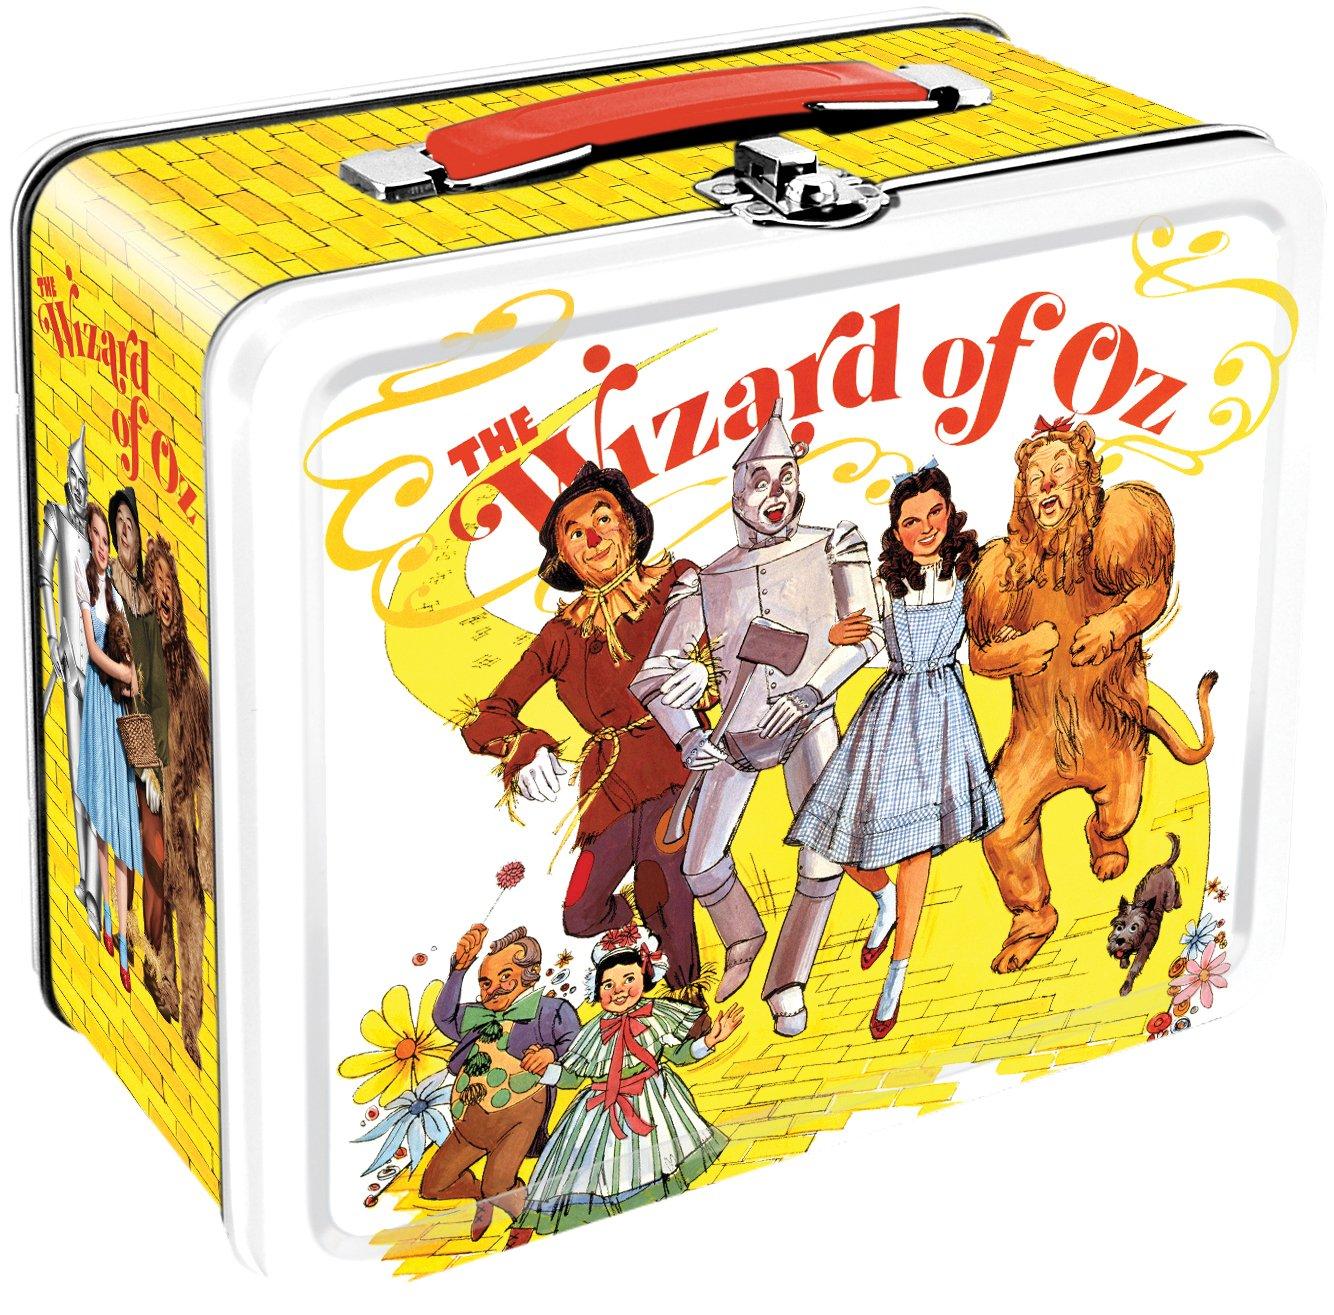 Aquarius Wizard of Oz Tin Fun Box NMR Distribution 48090 Accessory Consumer Accessories